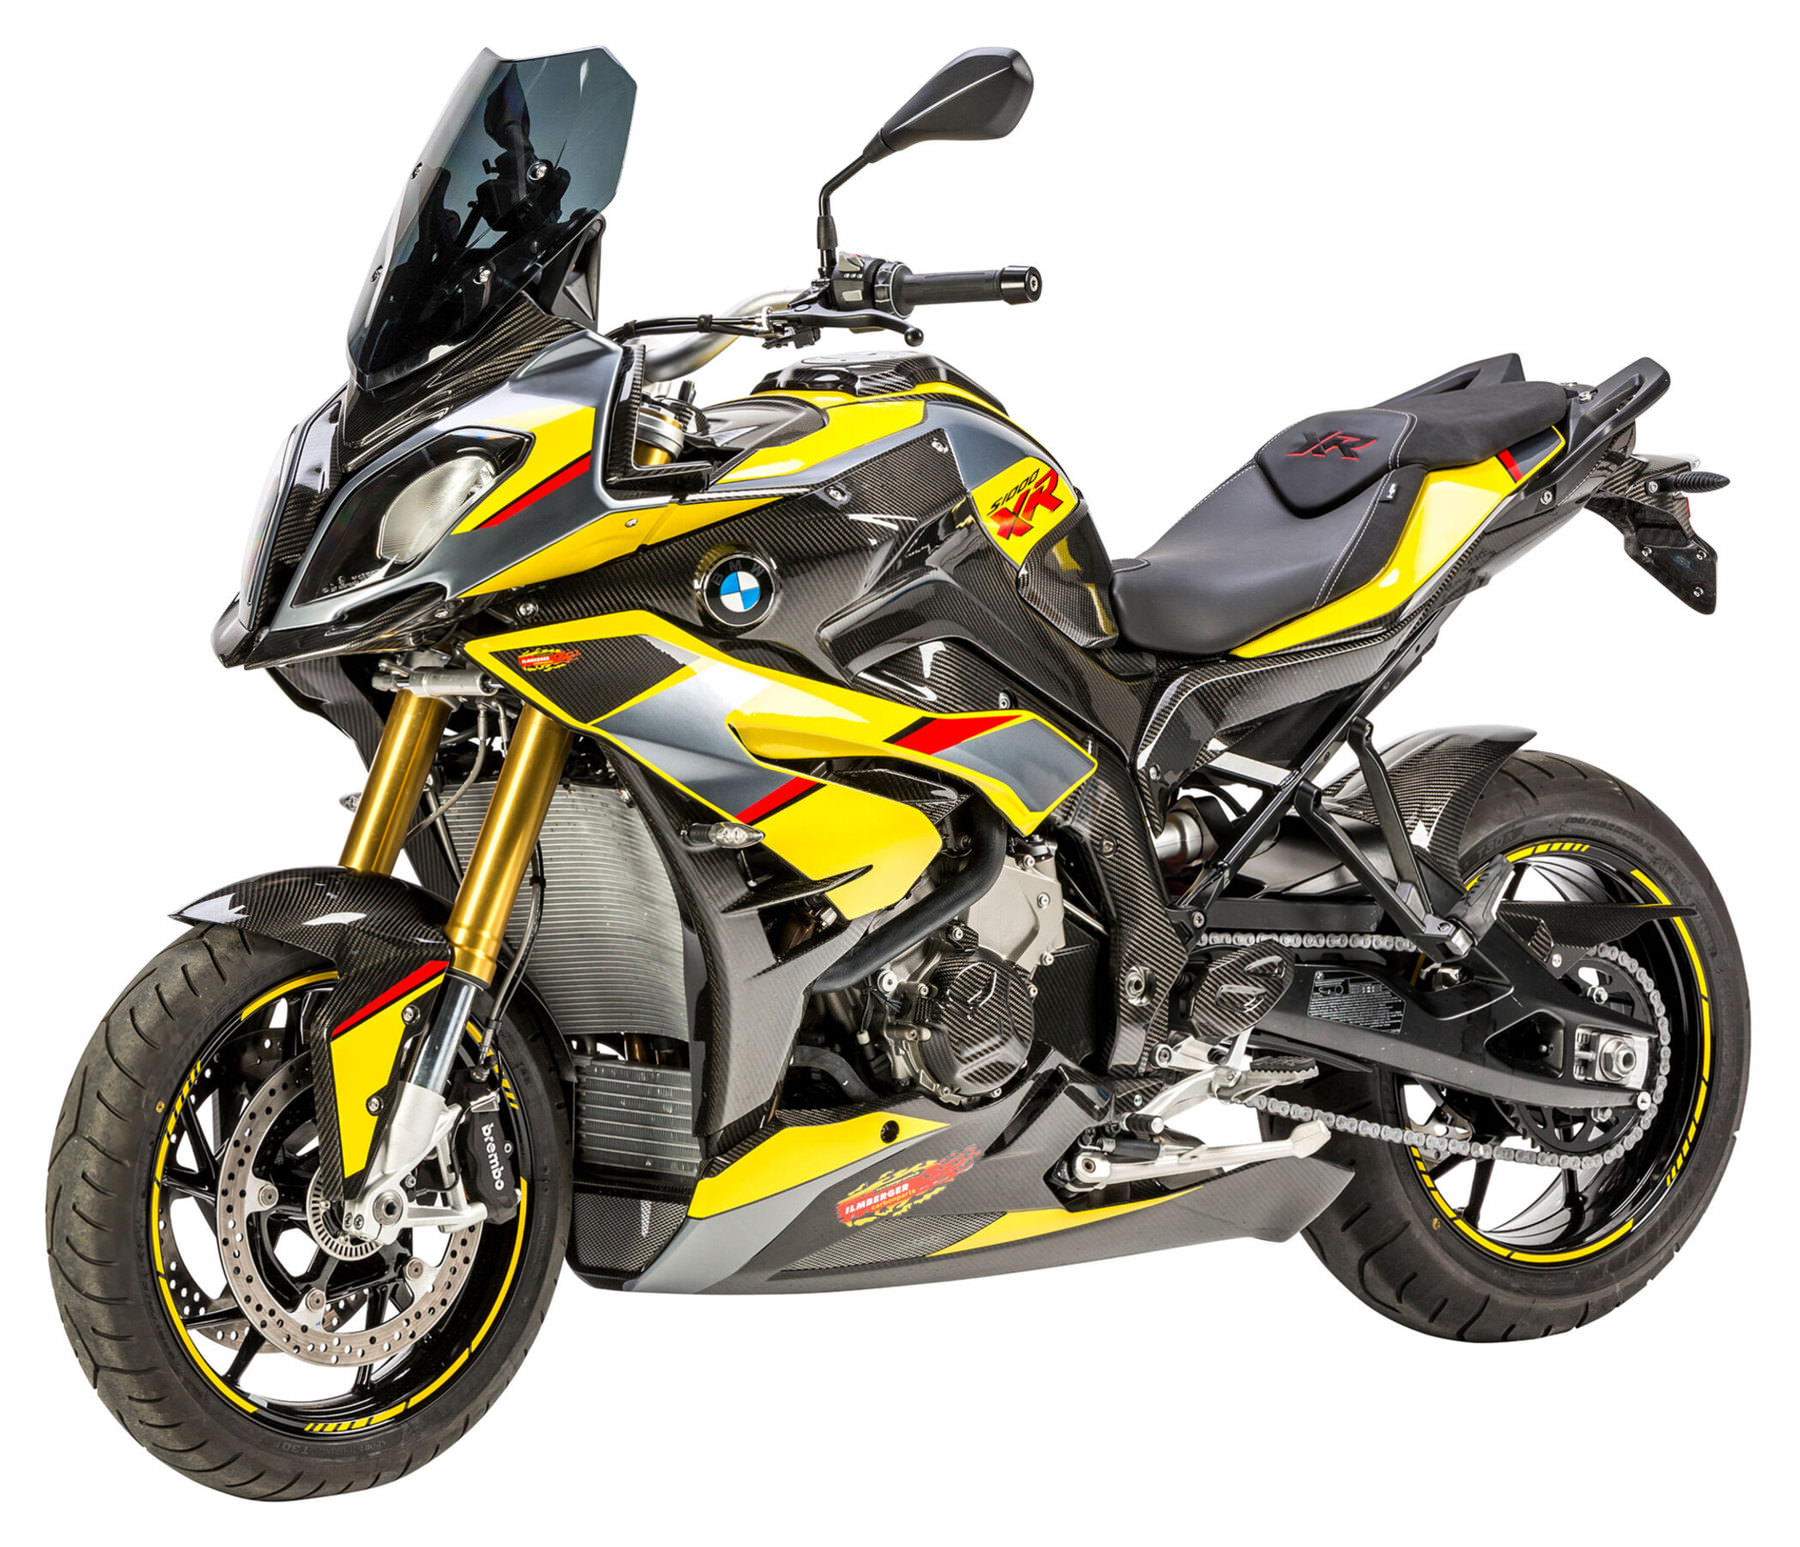 Carbonteile Für Bmw S1000 Xr Bis 2019 Kaufen Louis Motorrad Bekleidung Und Technik